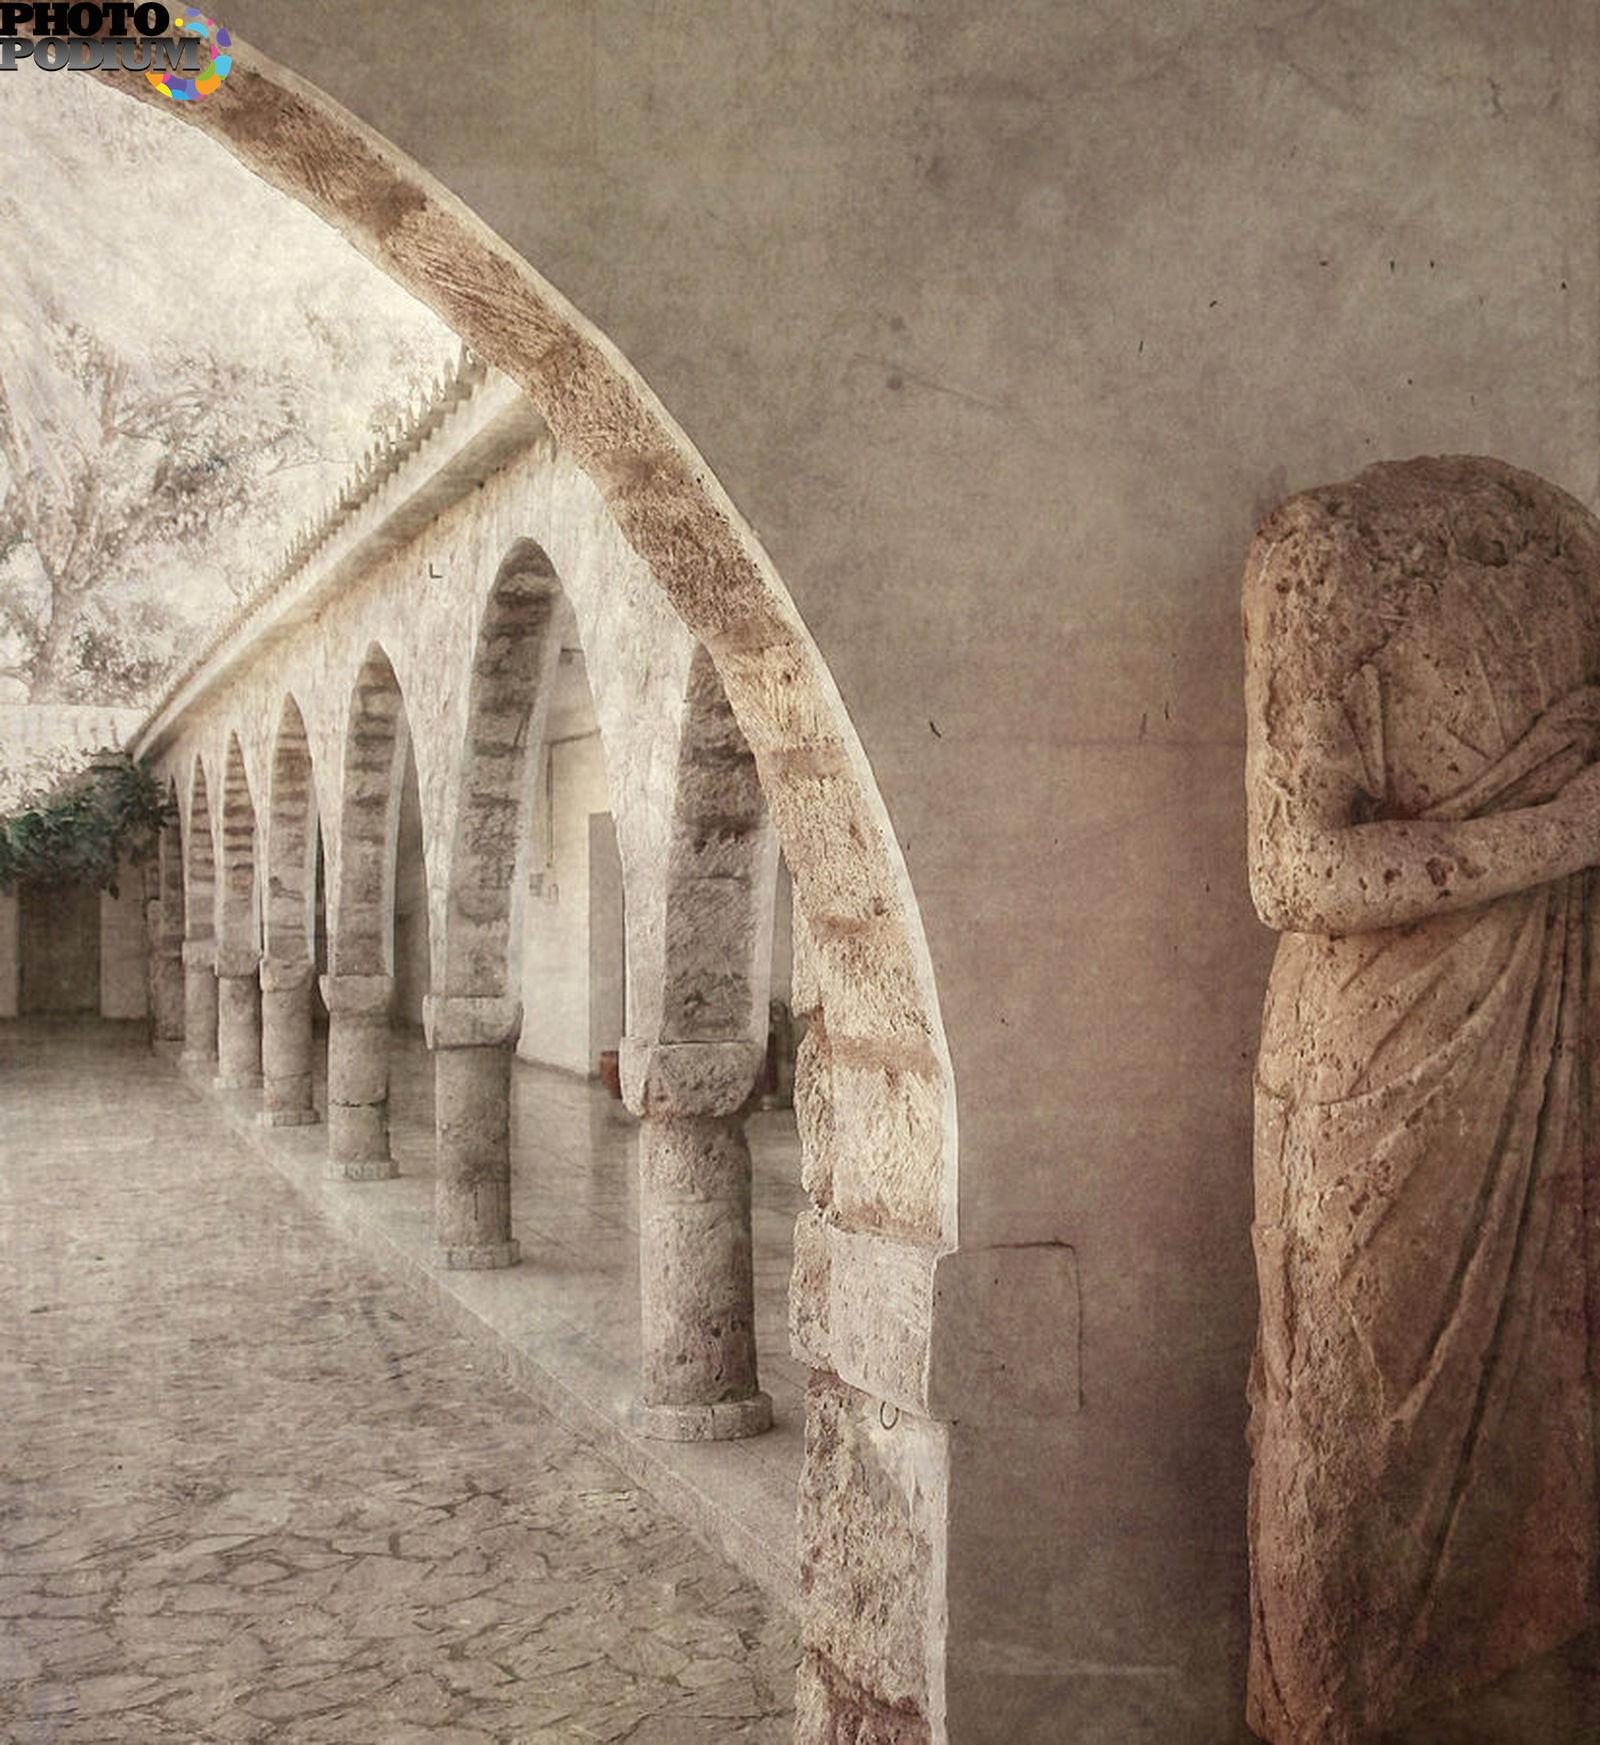 Разврат в монастыре 18 фотография